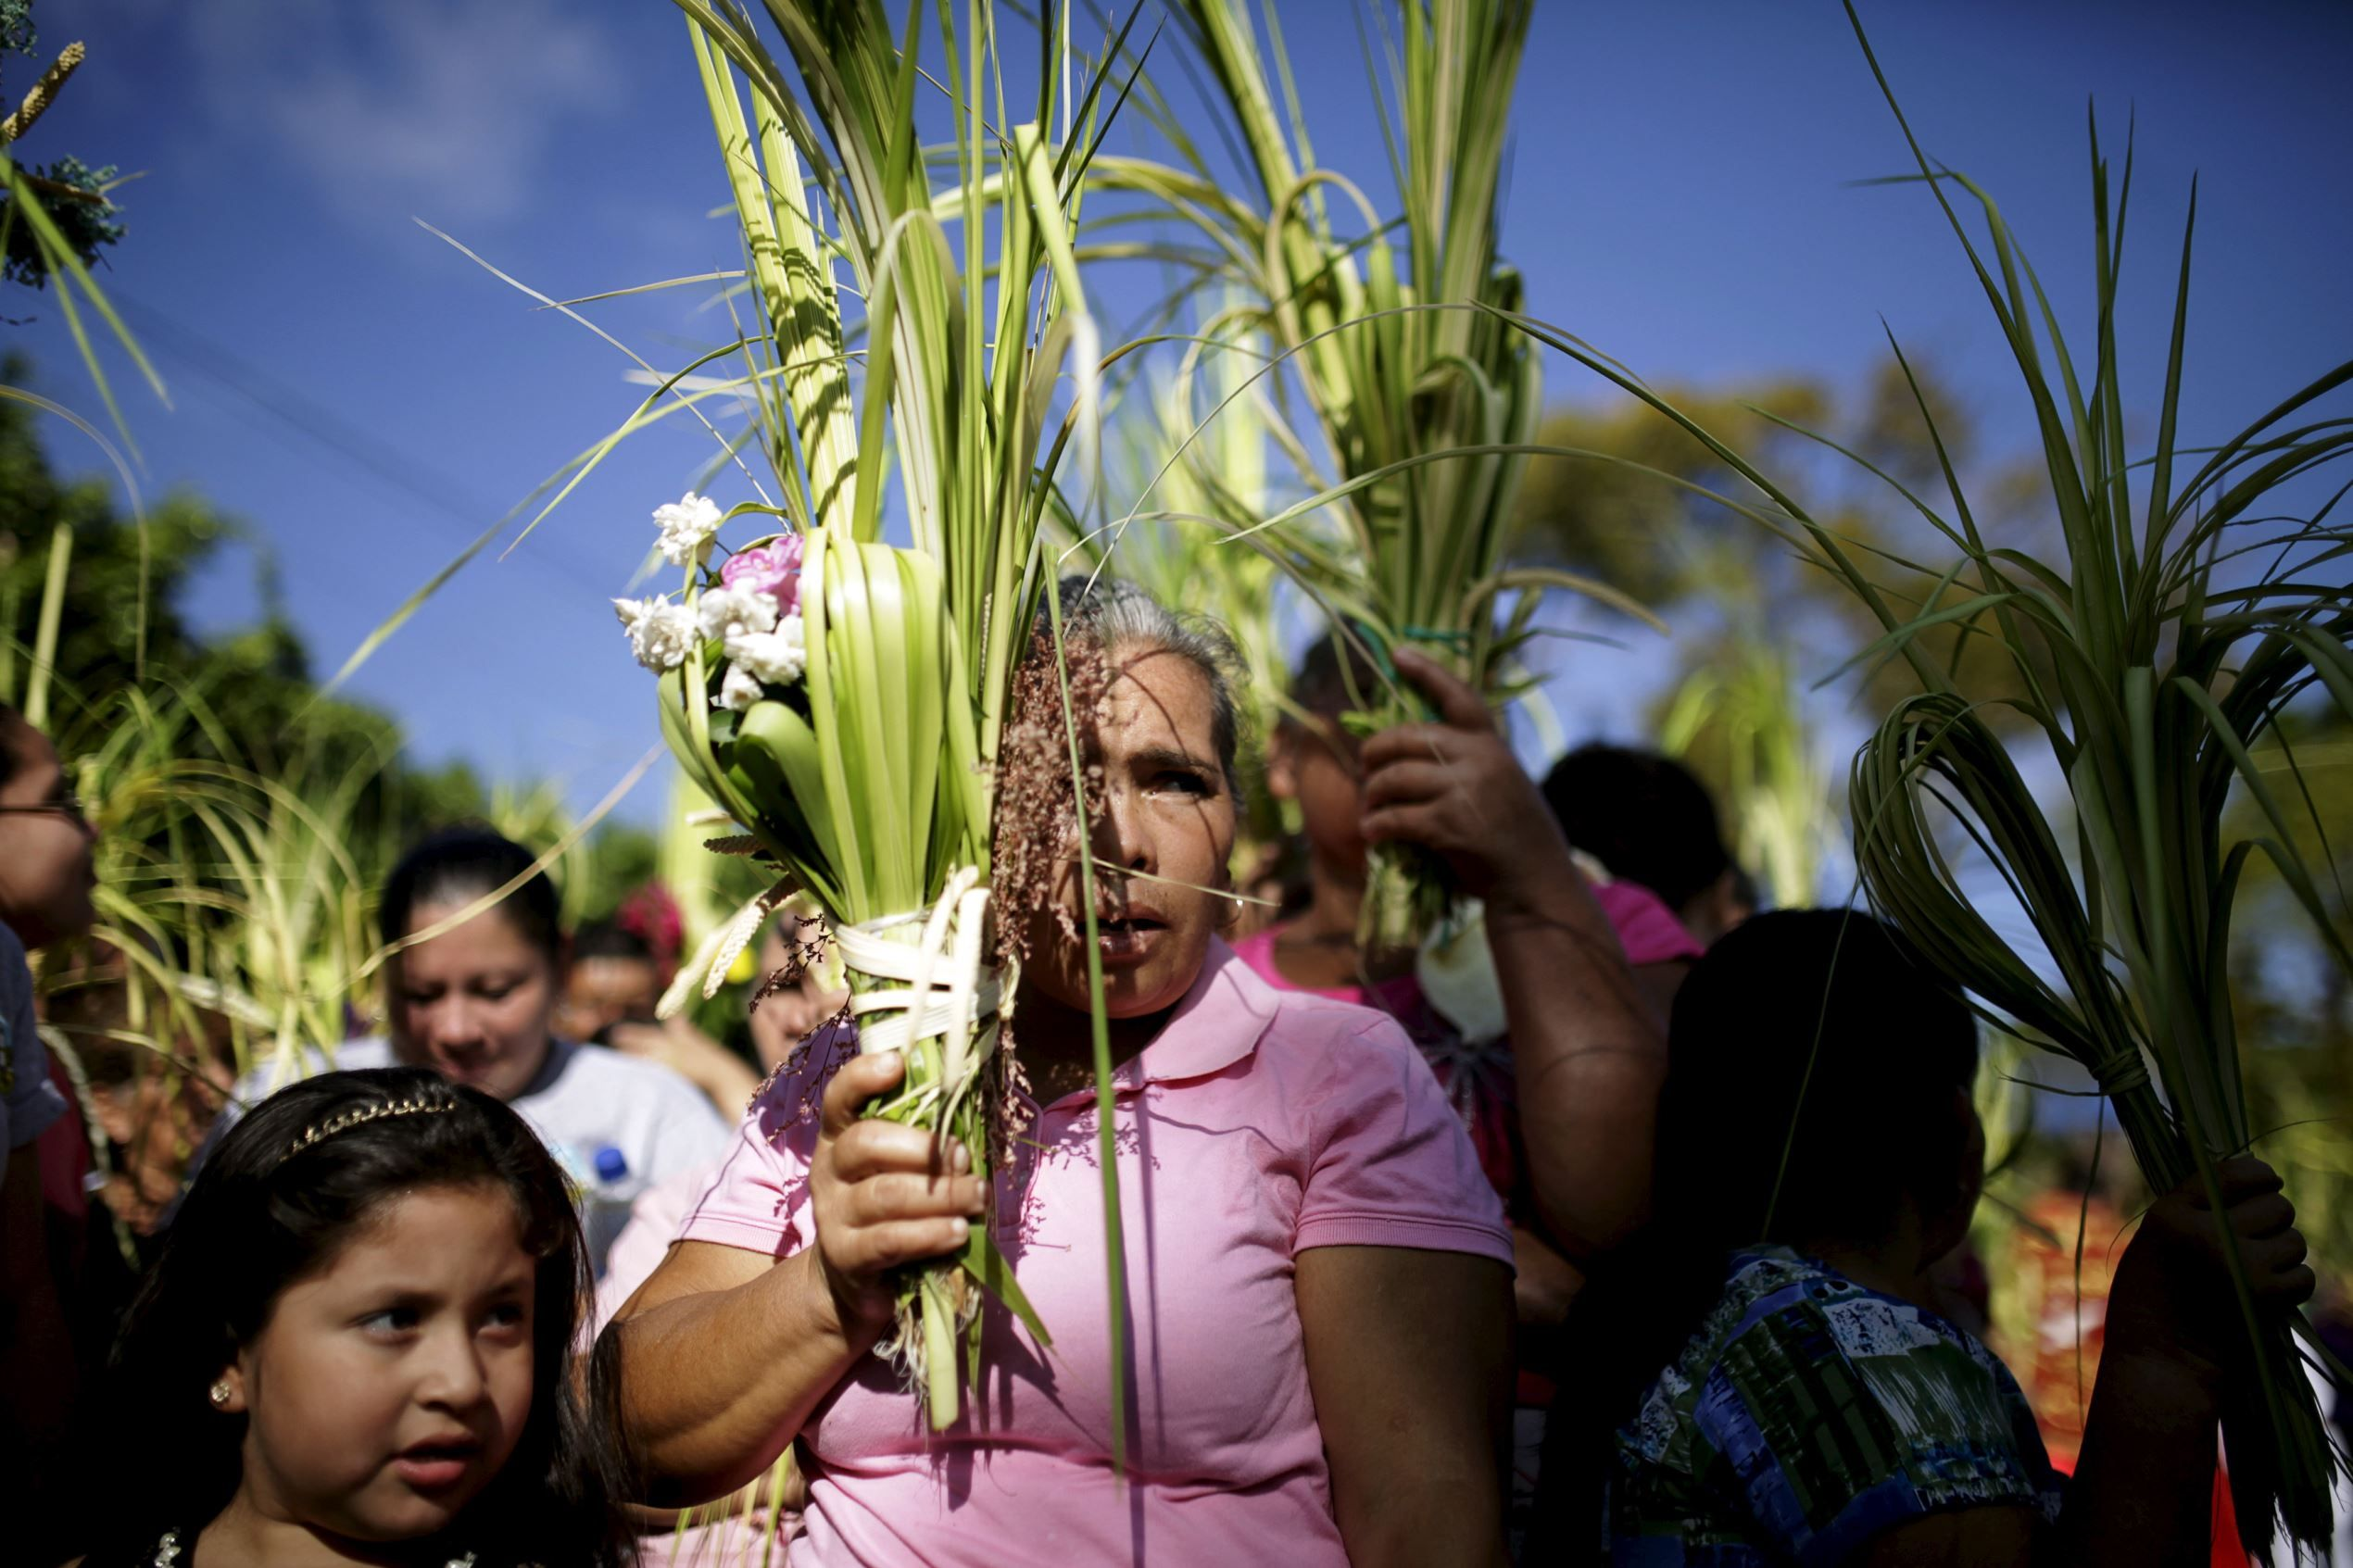 Calendario Palmas.El Salvador Procesion Con Palmas Figuras Religiosas En